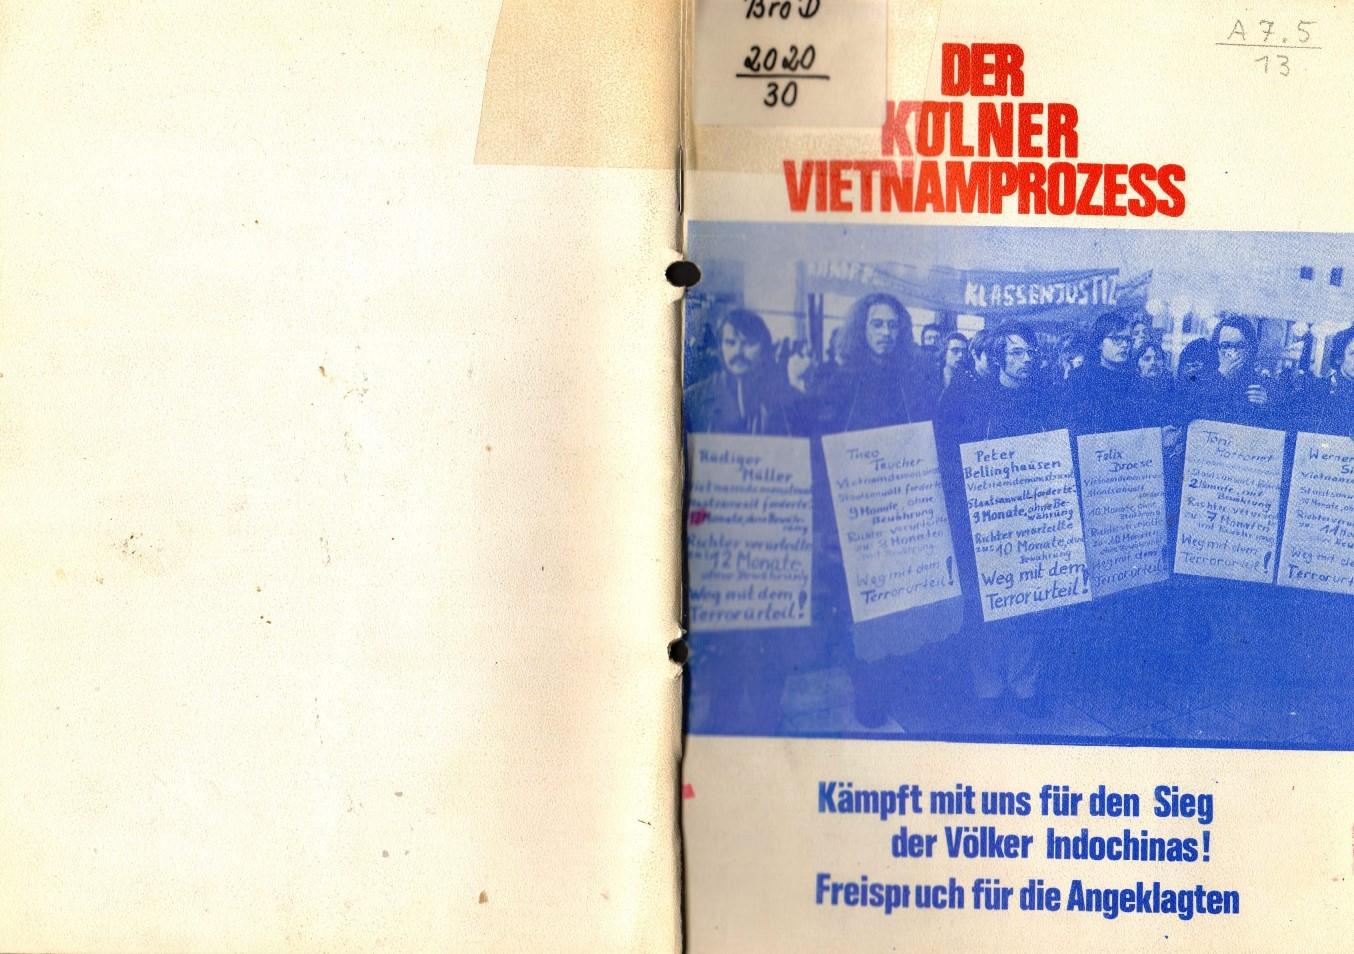 Koeln_RHeV_1975_Der_Koelner_Vietnamprozess_01